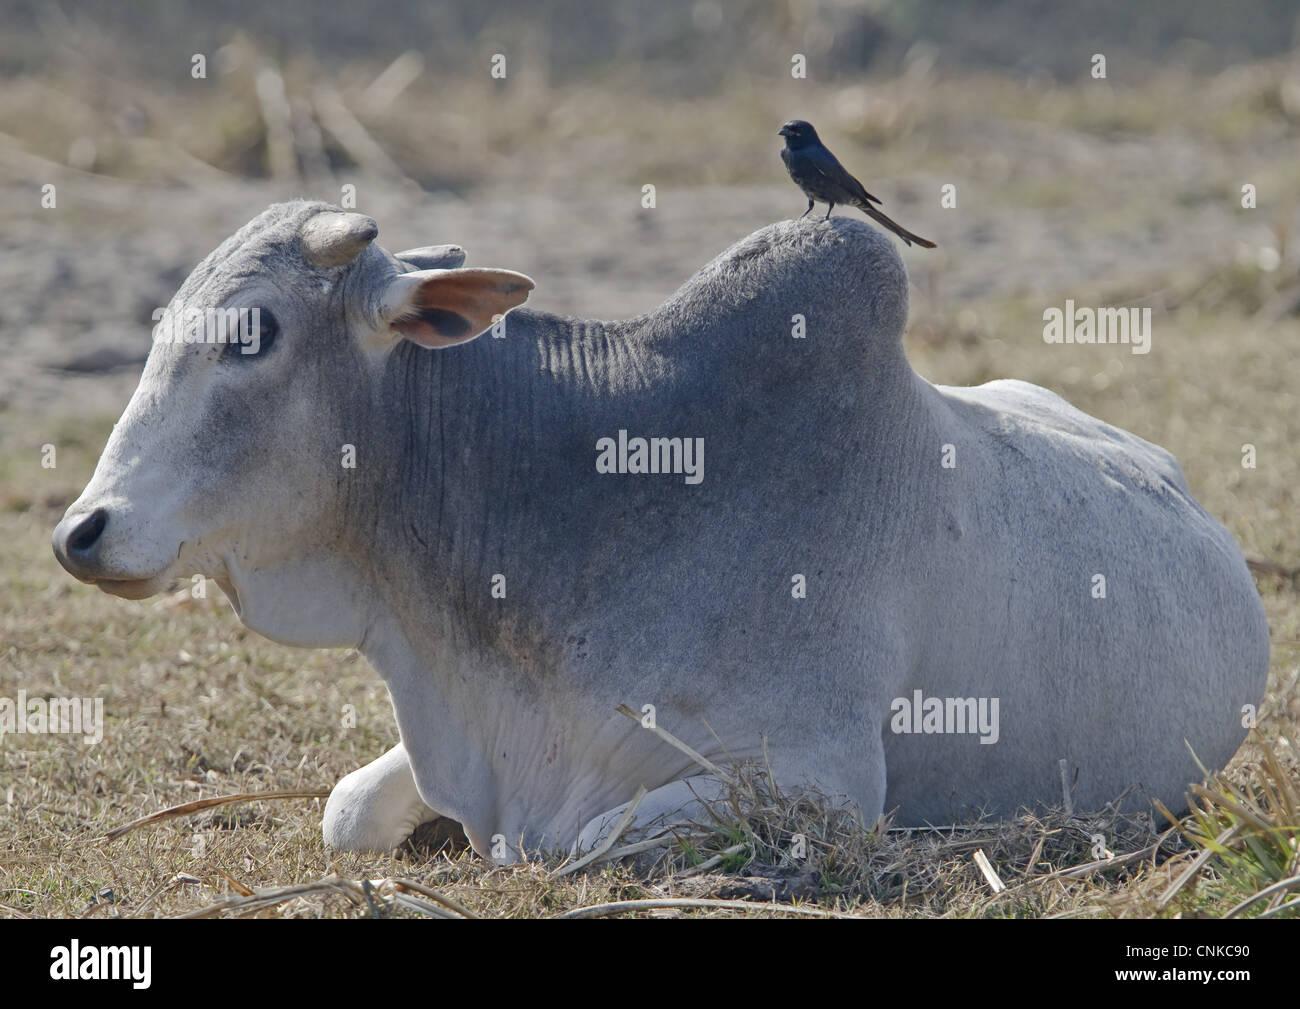 Image result for black drongo zebu